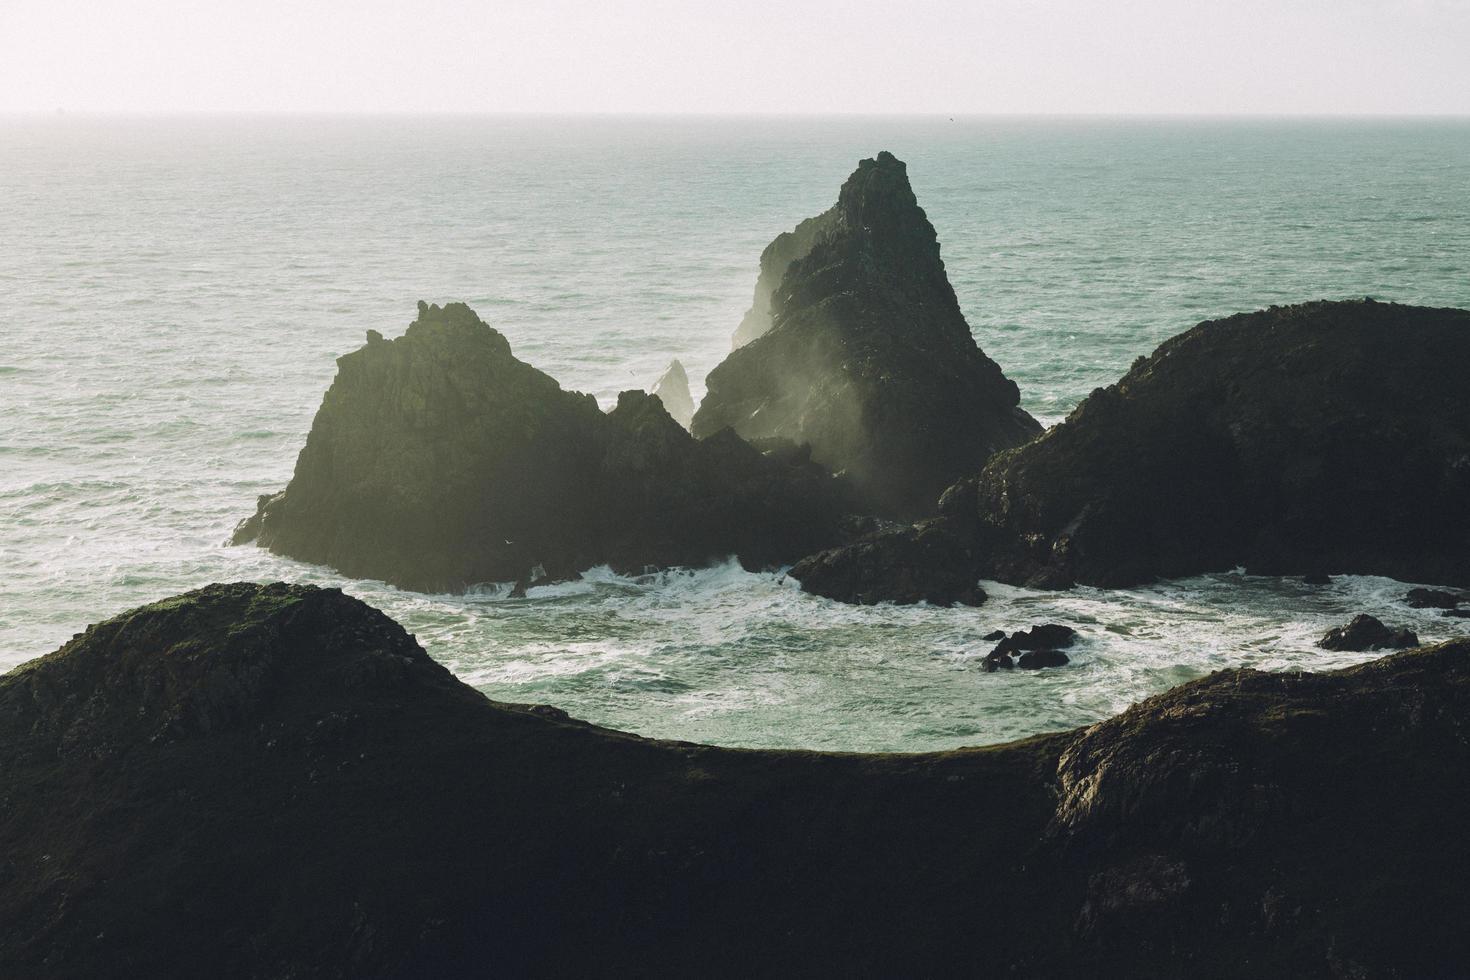 siluetas de rocas en el océano foto